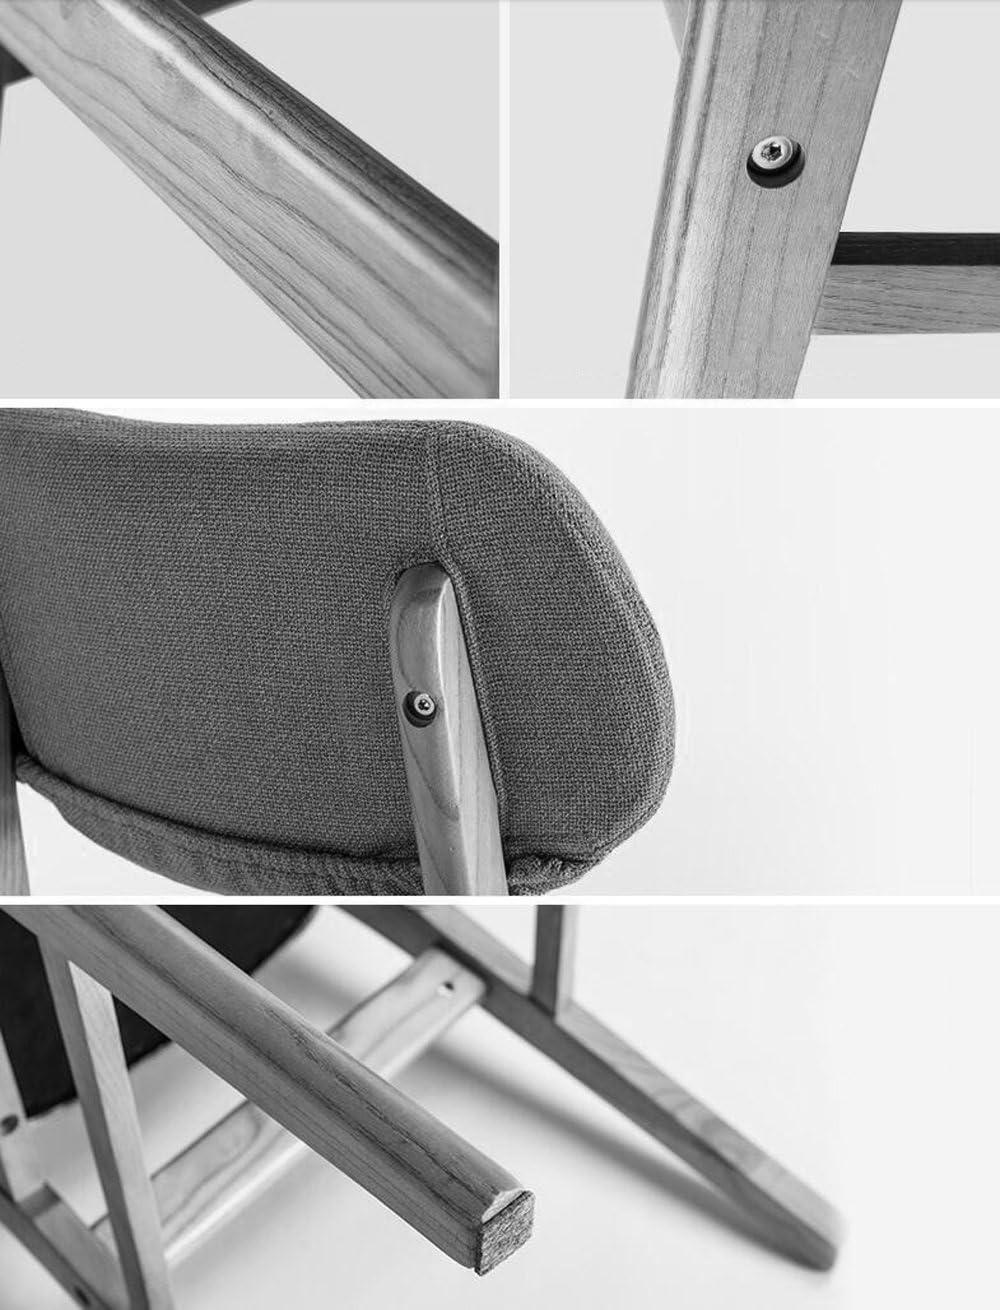 HLD Chaise en bois solide chaise créative chaise de bar chaise amovible en tissu chaise de café moderne Chaises (Color : C) A